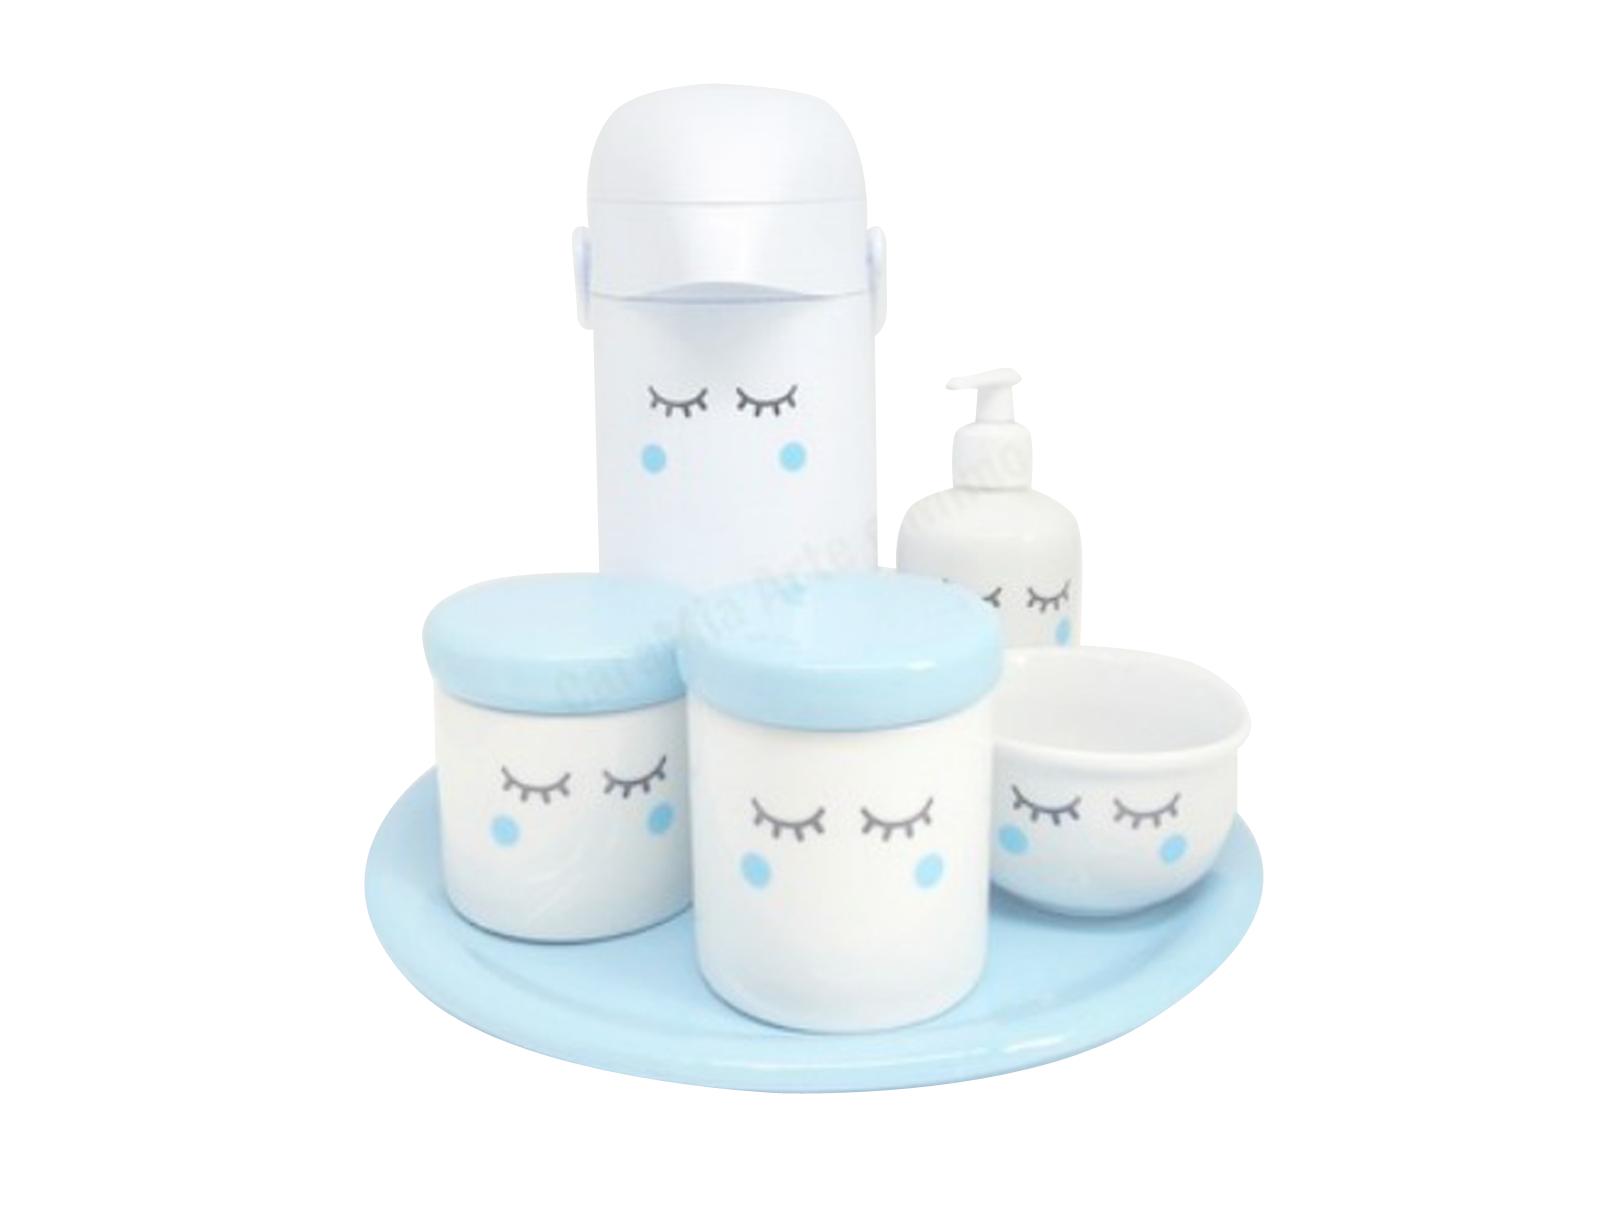 Kit Higiene Bebê Porcelana Olhinhos Cílios | Bochechas Azuis| com Bandeja em Cerâmica e Garrafa Decorada | Azul